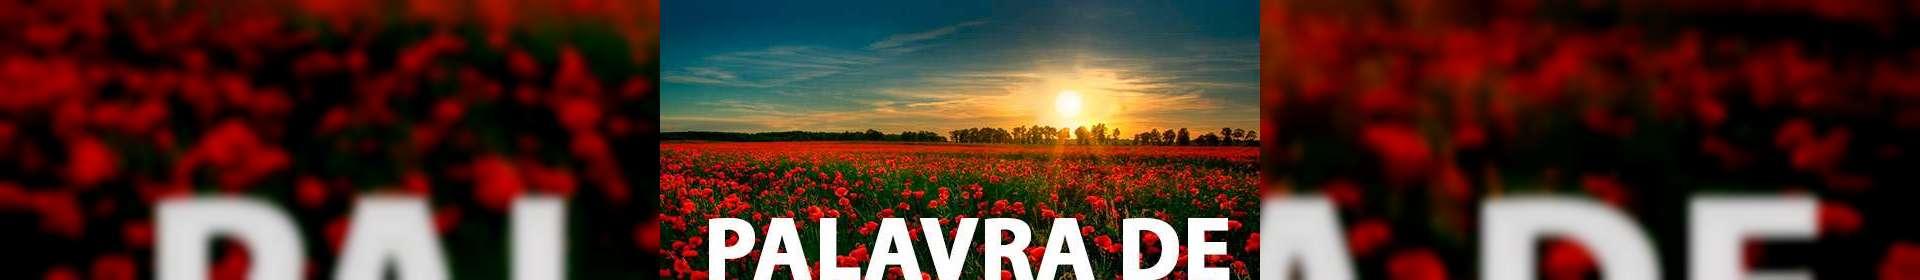 Salmos 9:11 - Uma Palavra de Esperança para sua vida